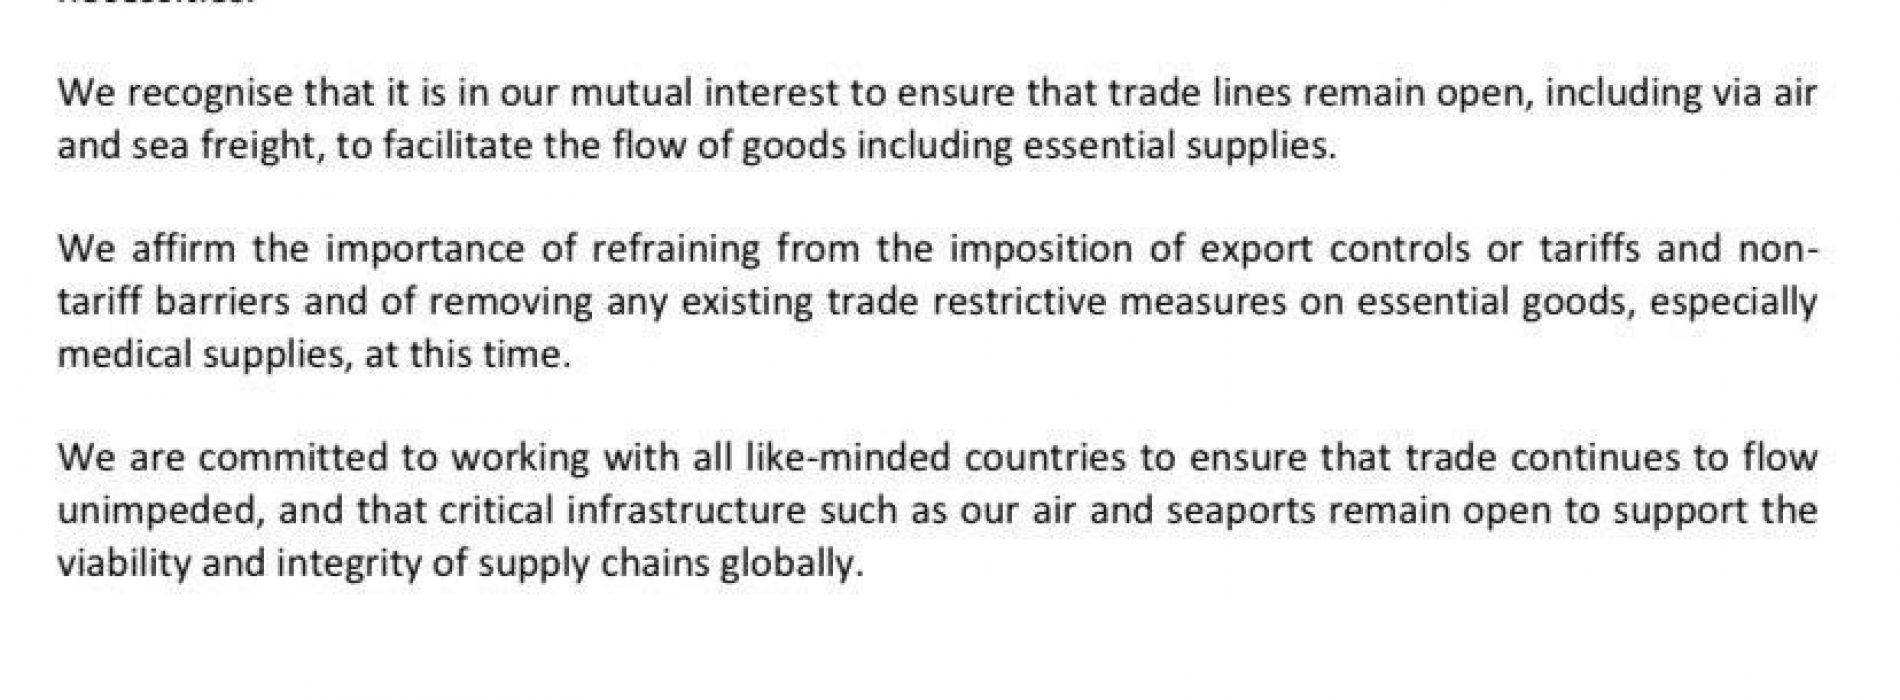 Declaración:  nos comprometemos a contribuir a mitigar impacto de COVID-19  en el comercio global y a mantener cadenas de suministro de bienes esenciales abiertas y conectadas.